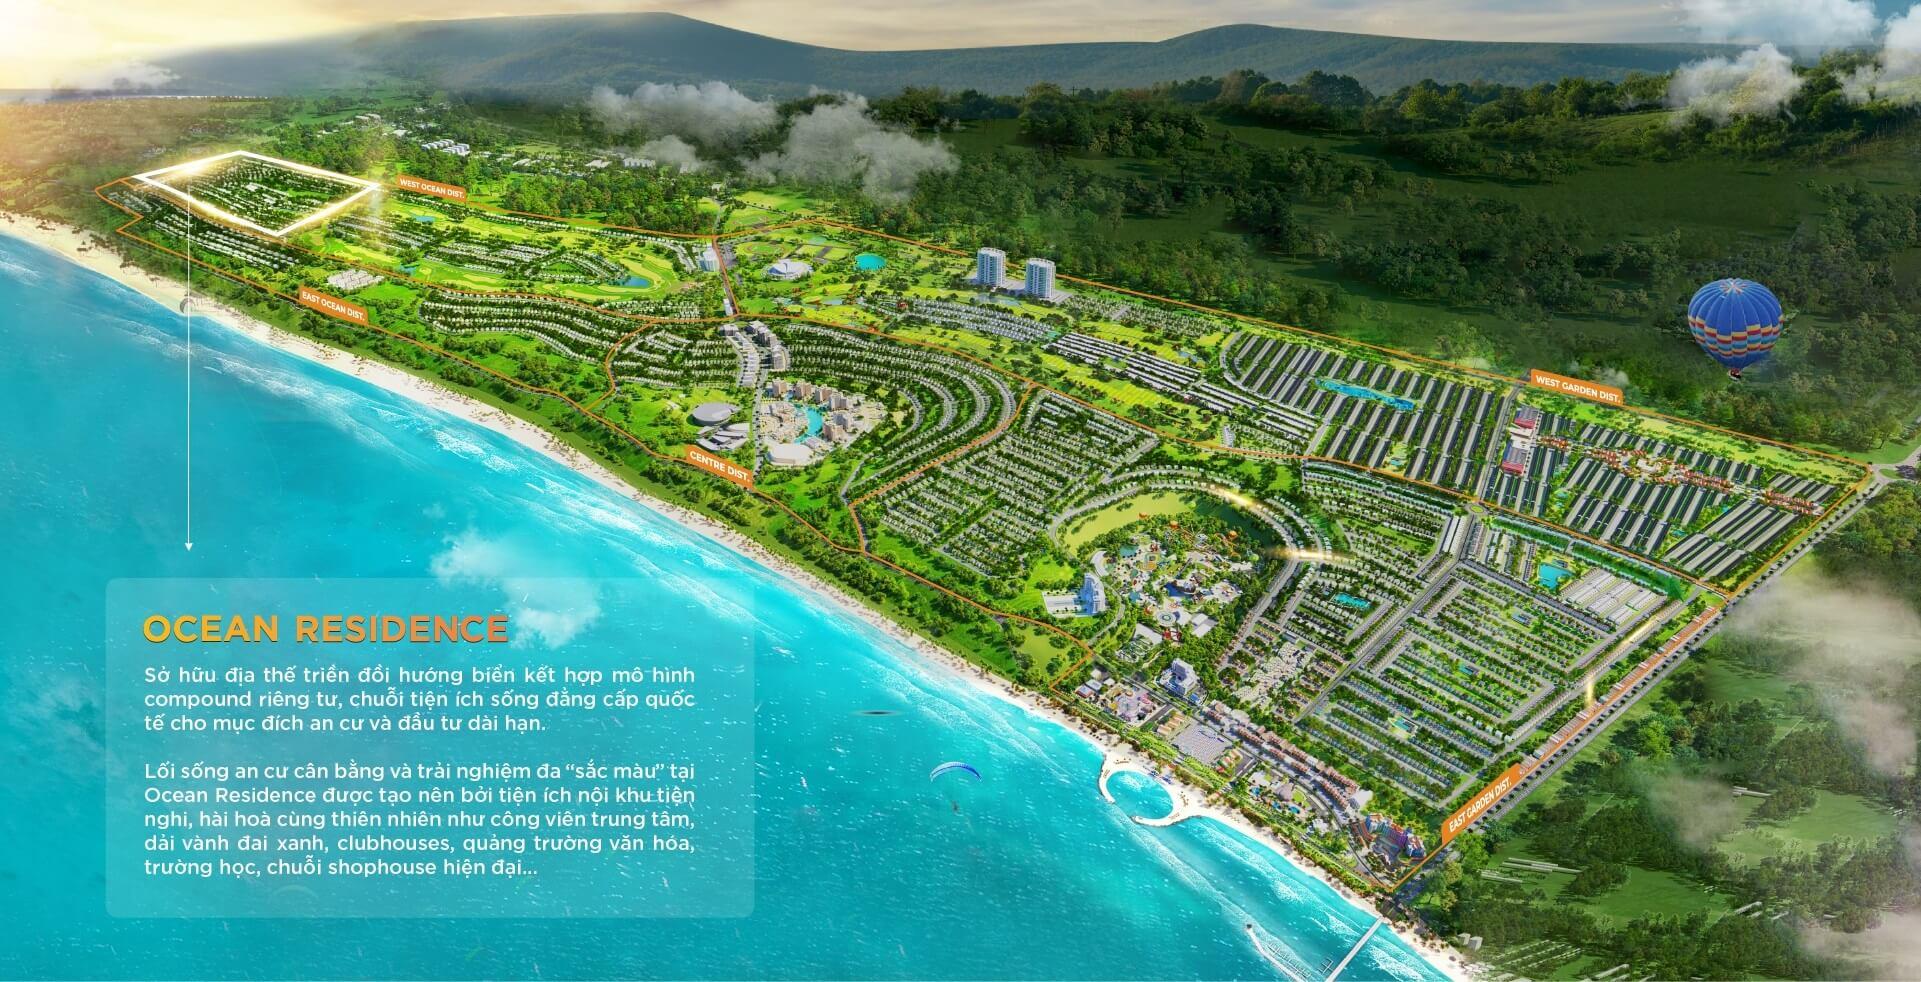 phối cảnh dự án ocean residence novaworld phan thiết